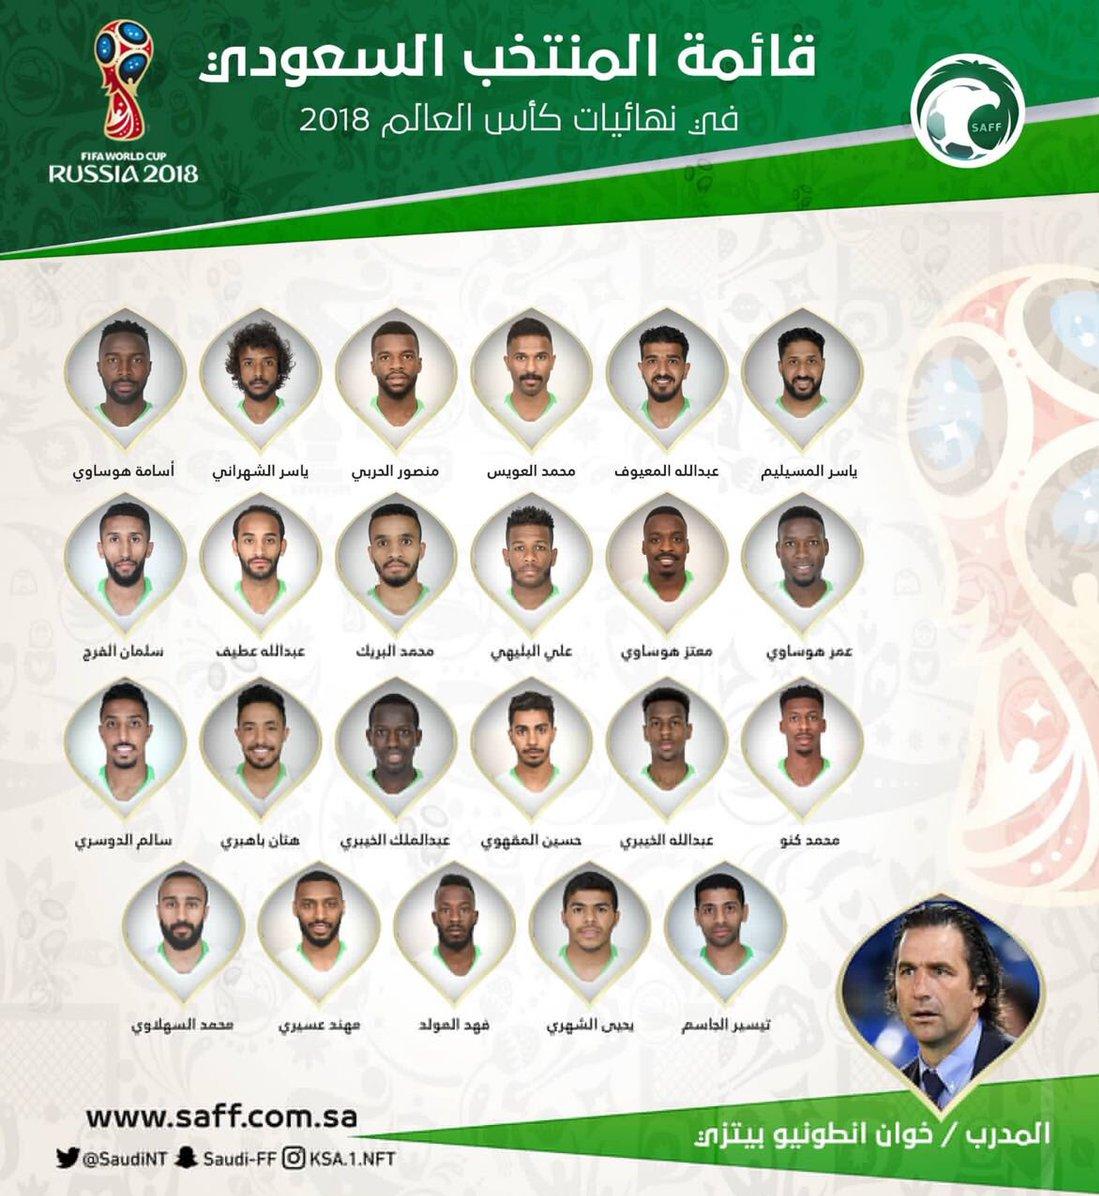 اعلام لیست 23 نفره تیم فوتبال عربستان سعودی برای جام جهانی روسیه (+عکس)